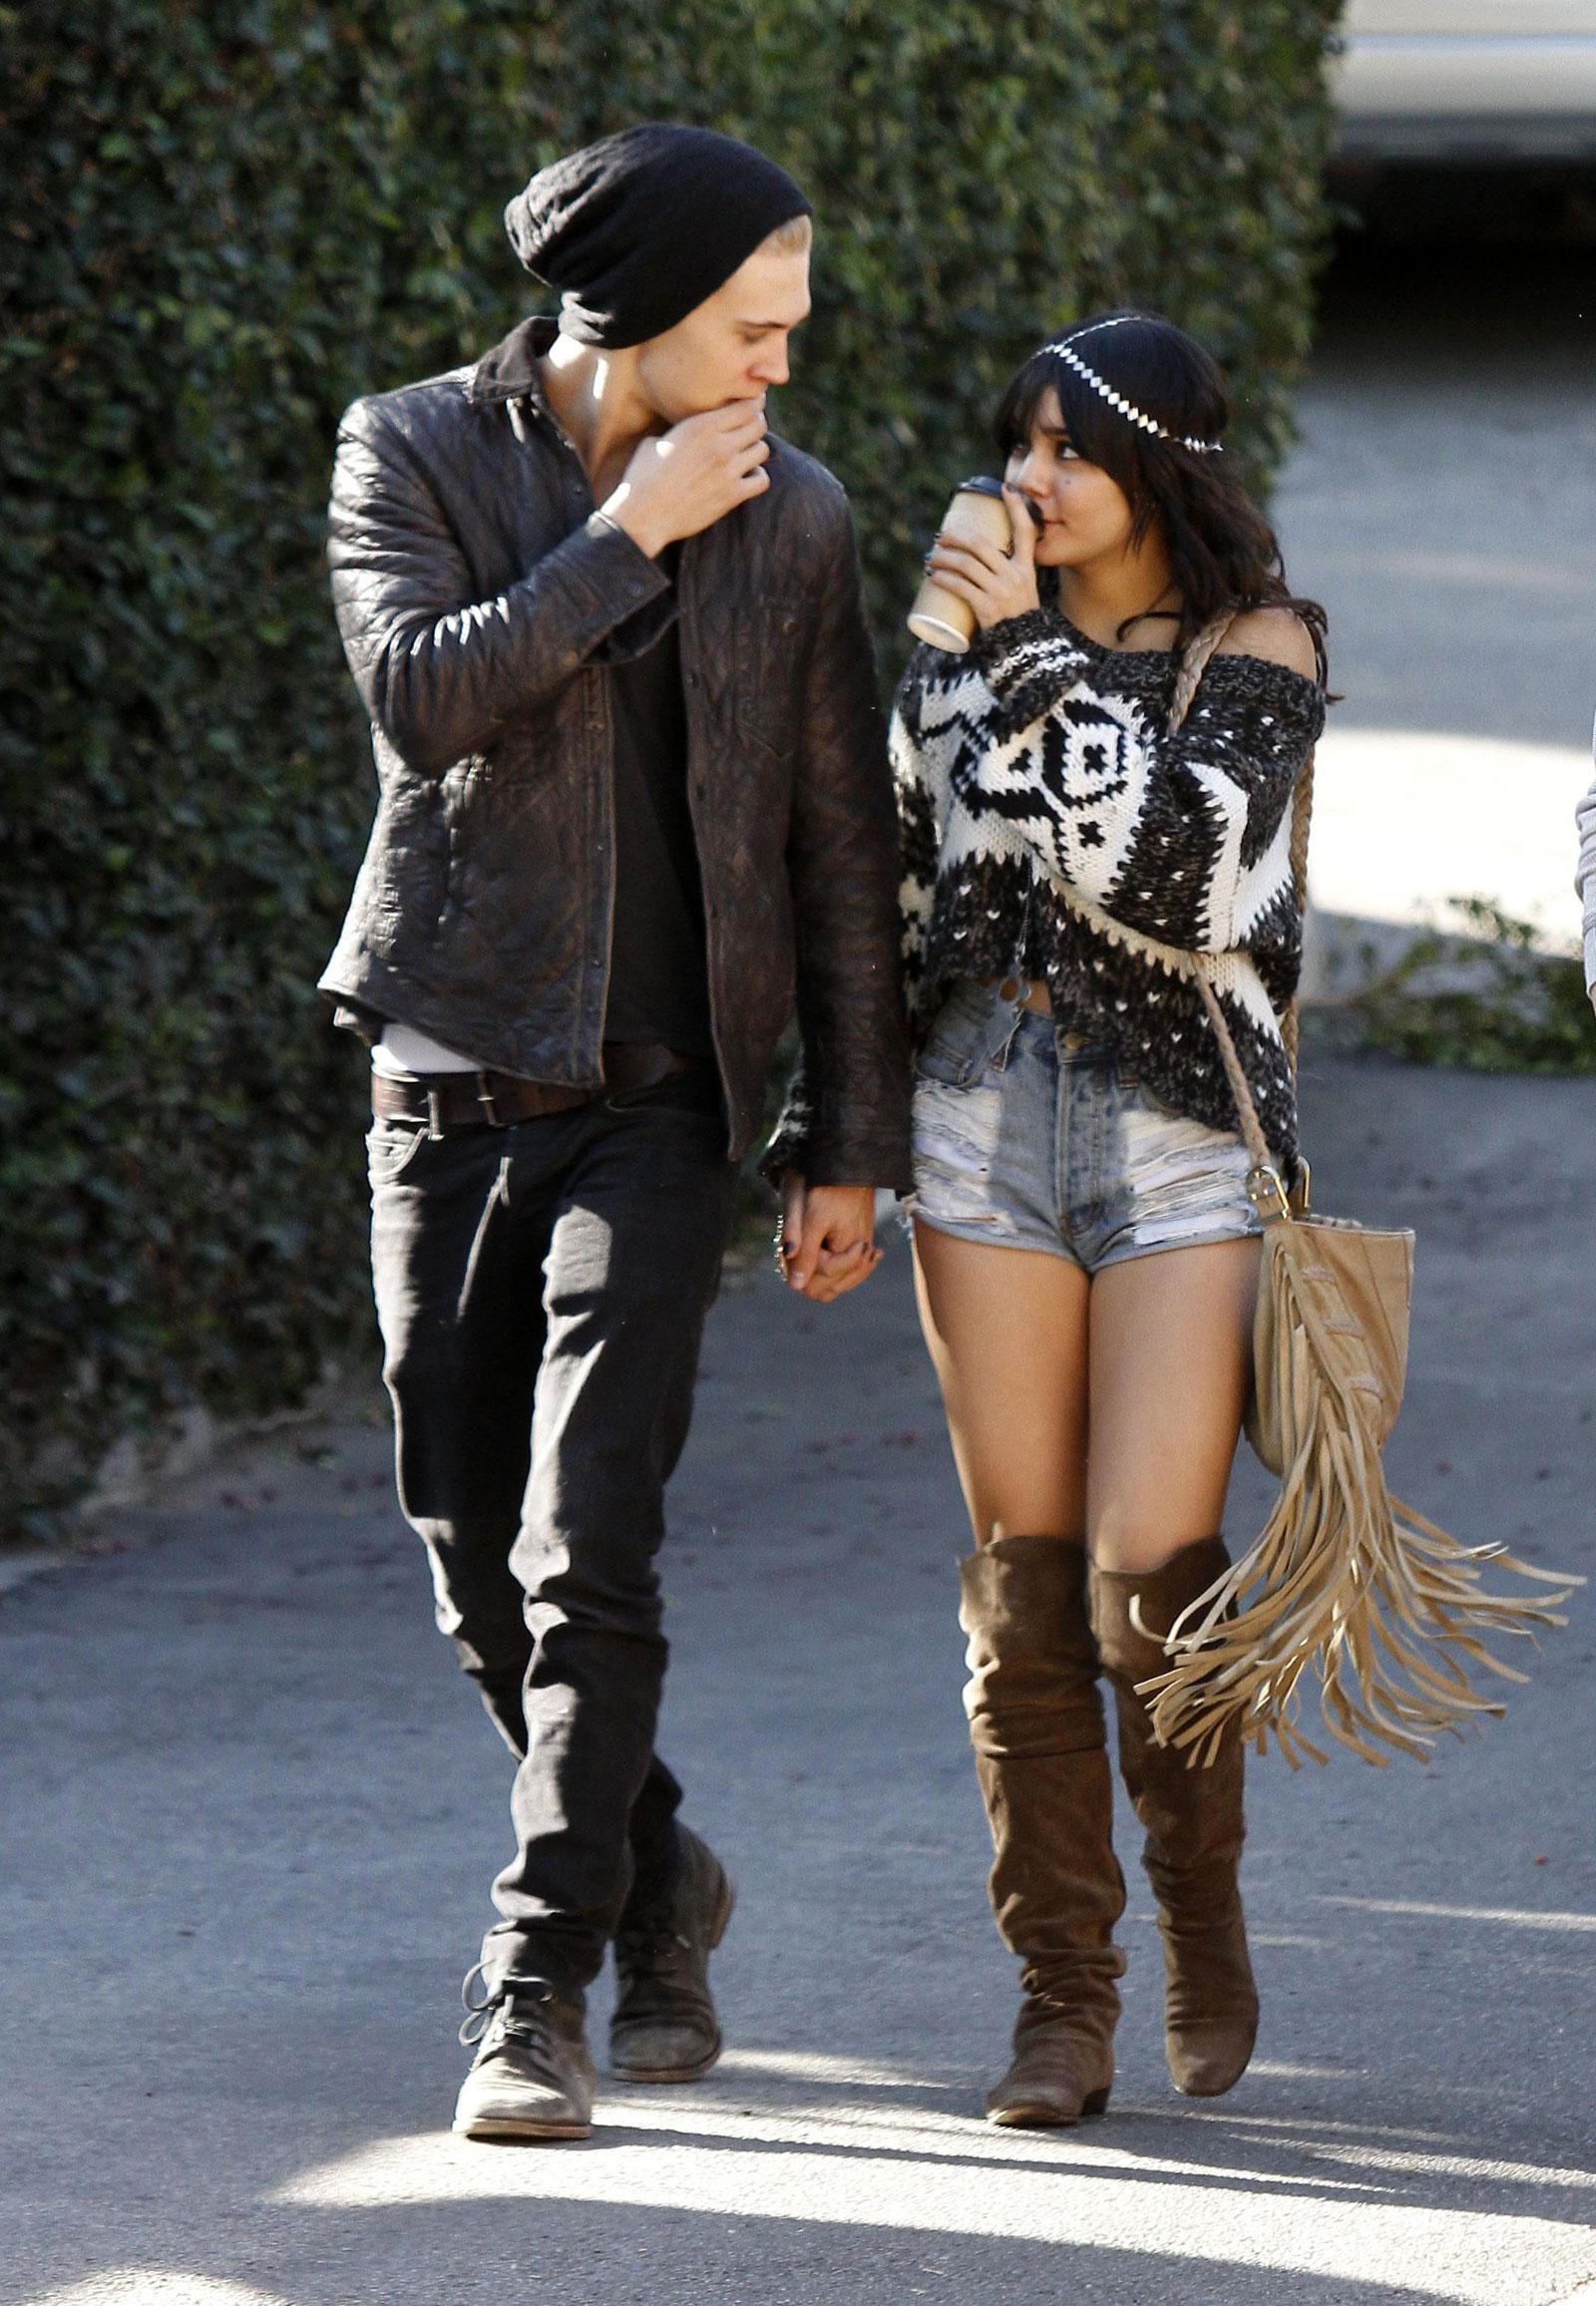 Vanessa Hudgens in Knee Botts with New Boyfriend in Los